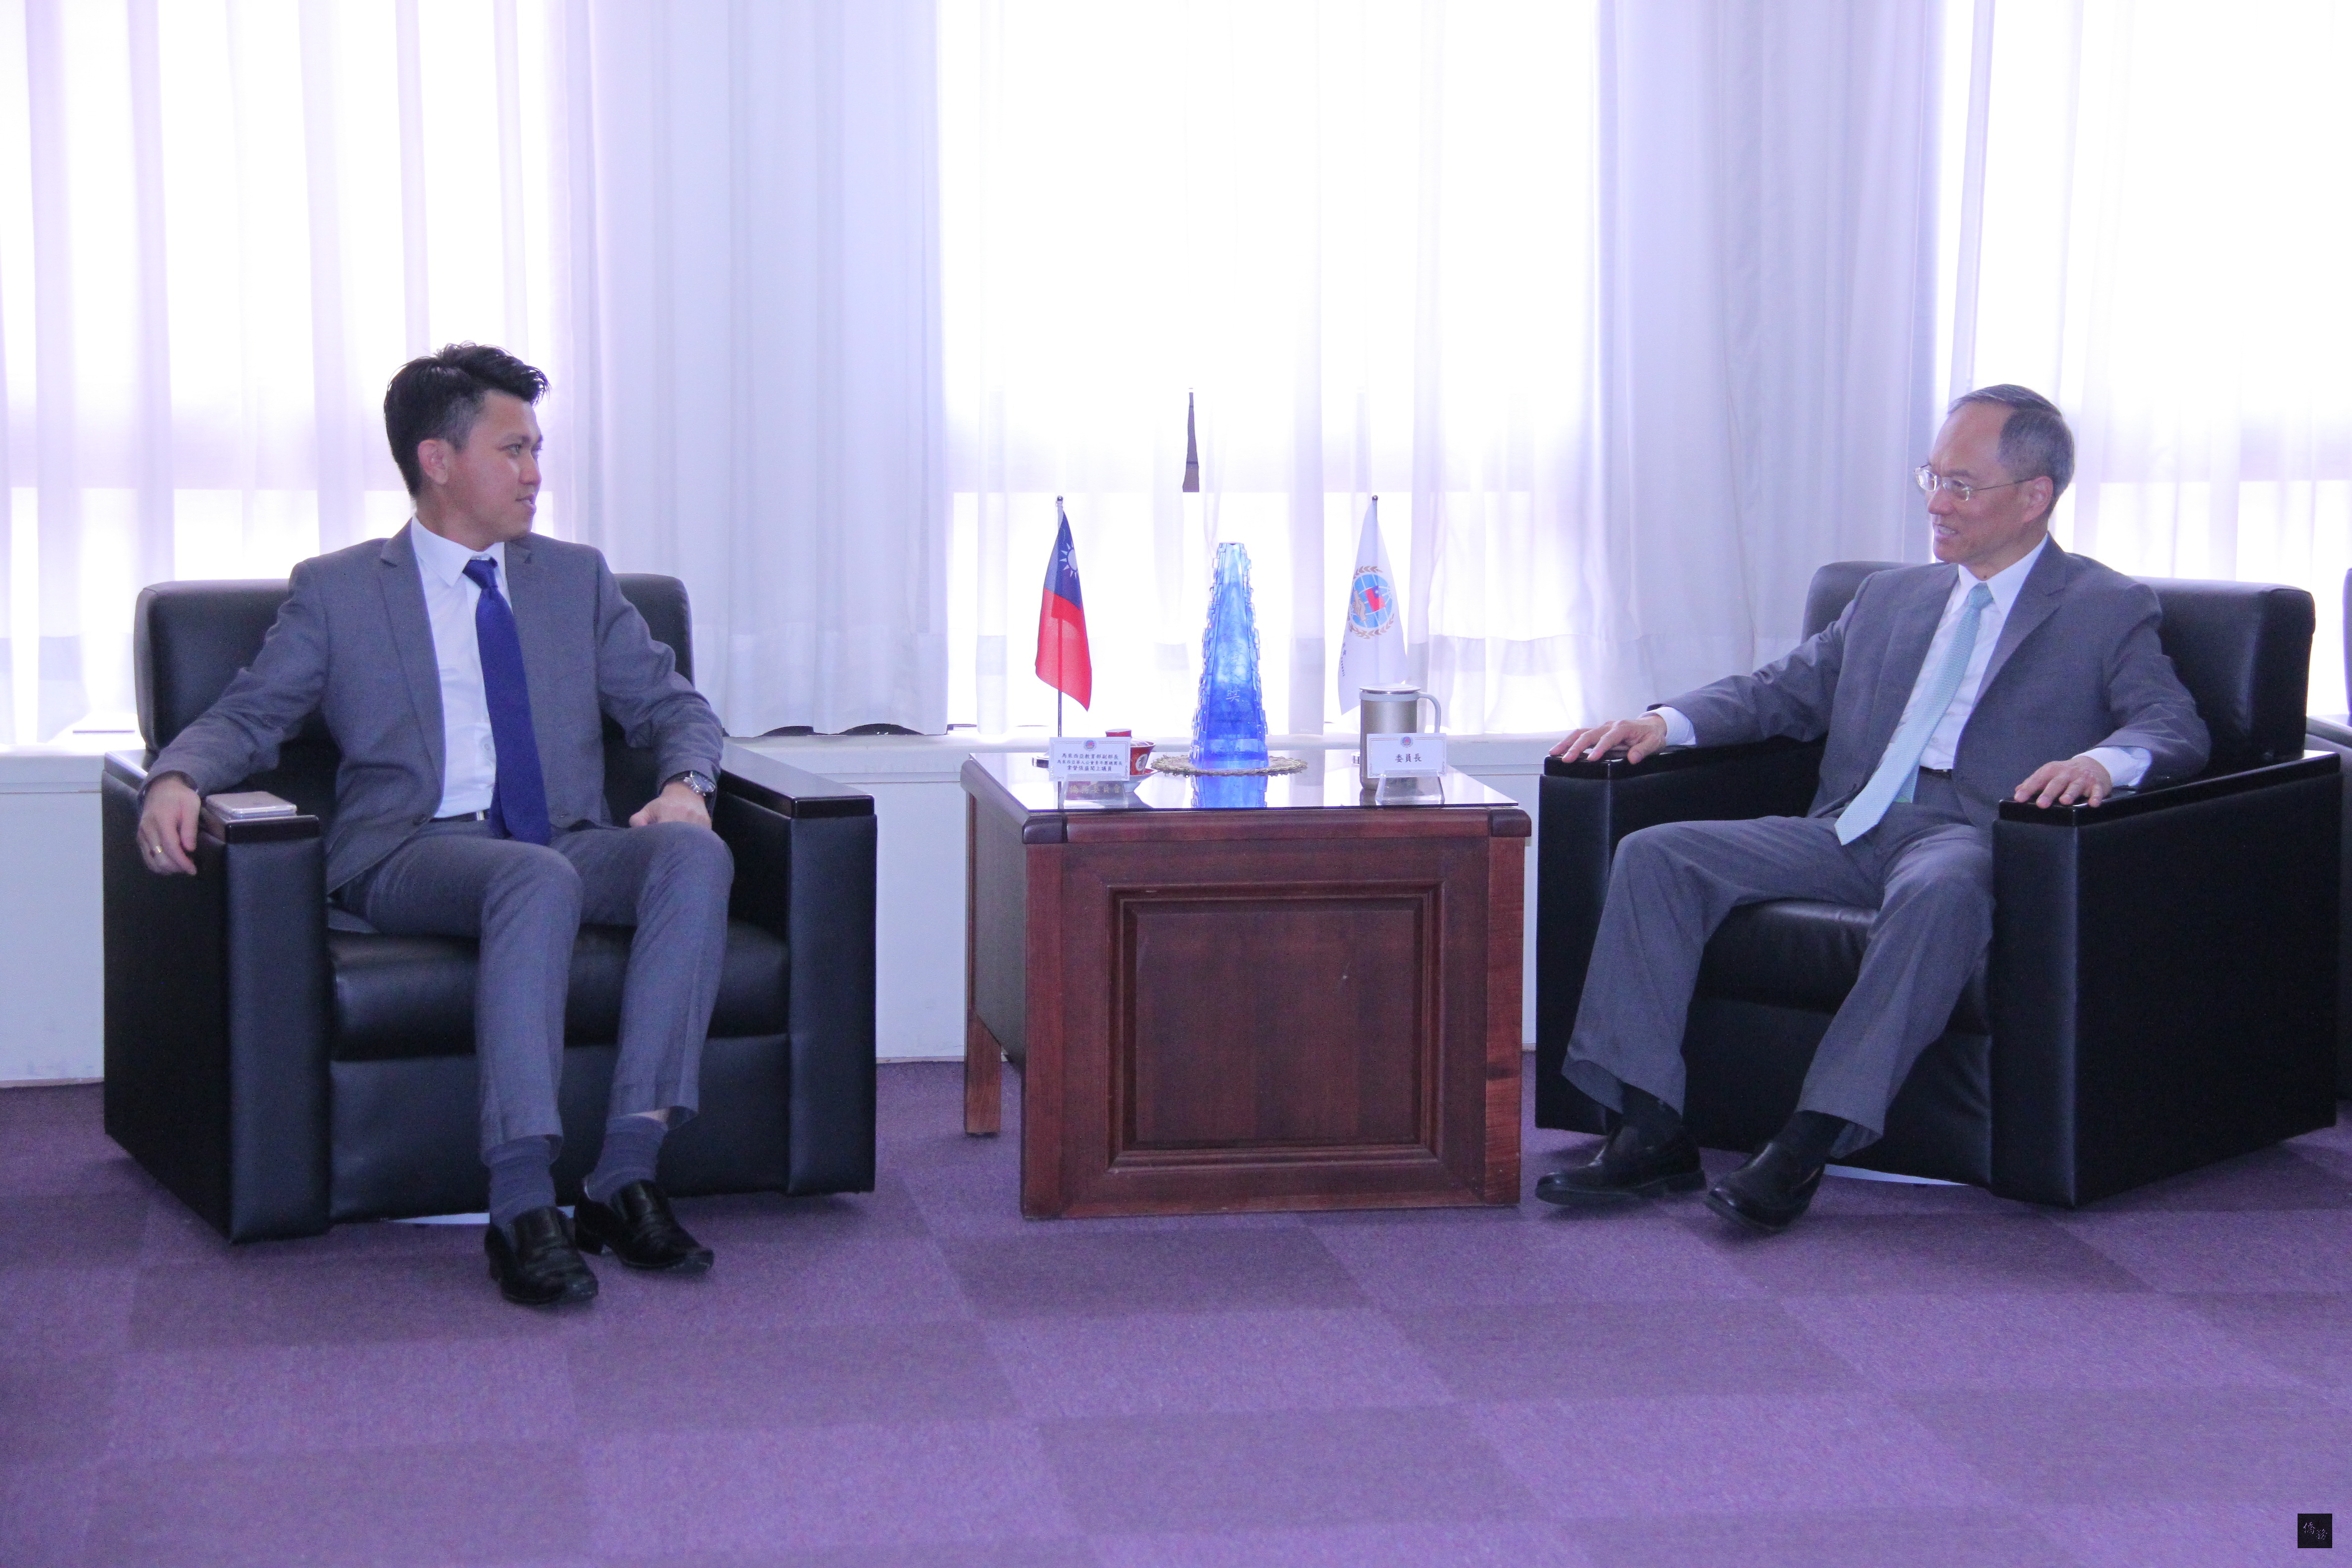 大馬教育部副部長張盛聞(左)就台馬政經文教交流與僑委會委員長吳新興(右)交換意見。